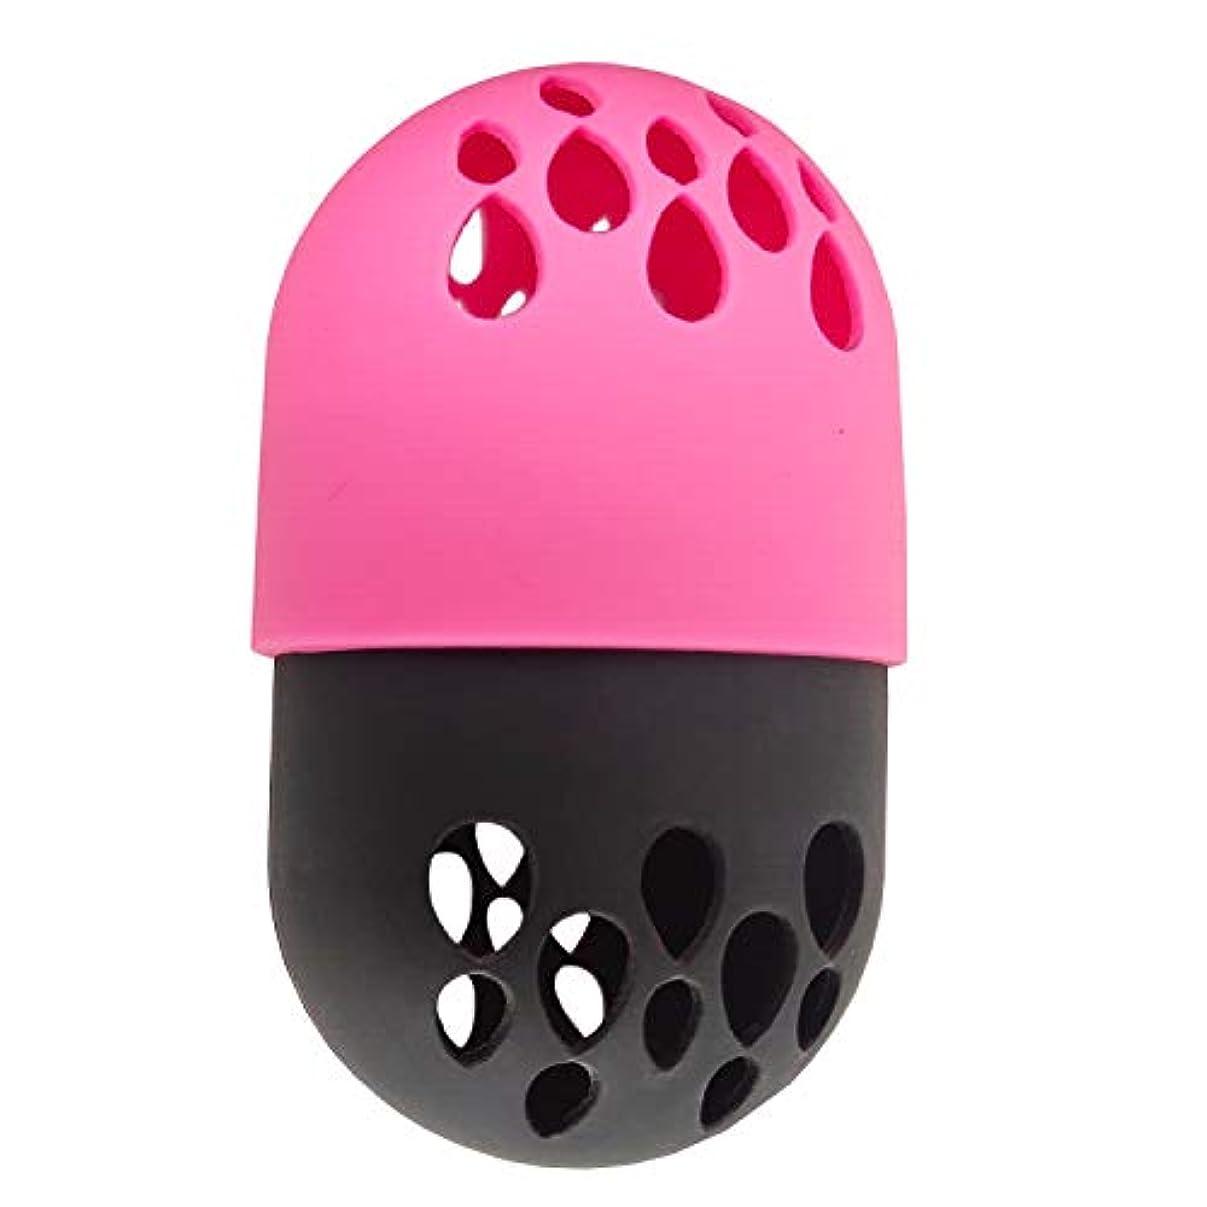 リスナー寛容シンプルな美容スポンジ収納ケース、通気性を柔らか美容スポンジ シリコン旅行 キャリングケース、小型軽量 あらゆる化粧スポンジ適用 (ピンク)